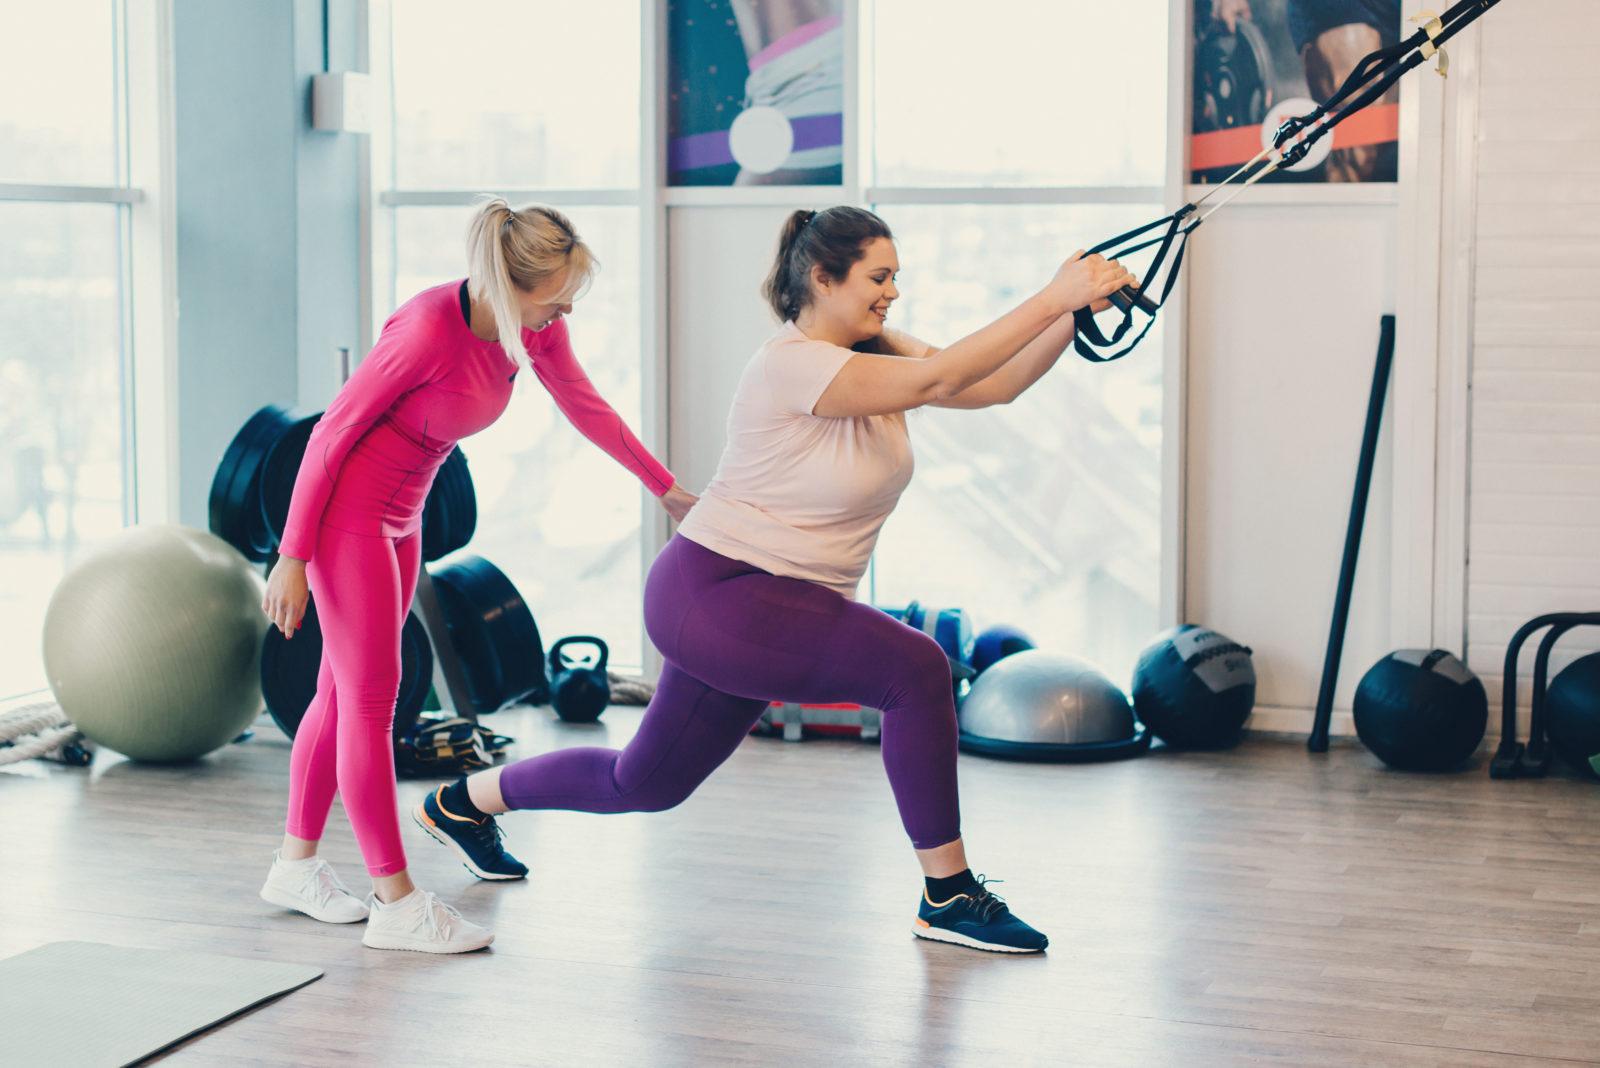 Treningsinstruktør og dame som trener styrke